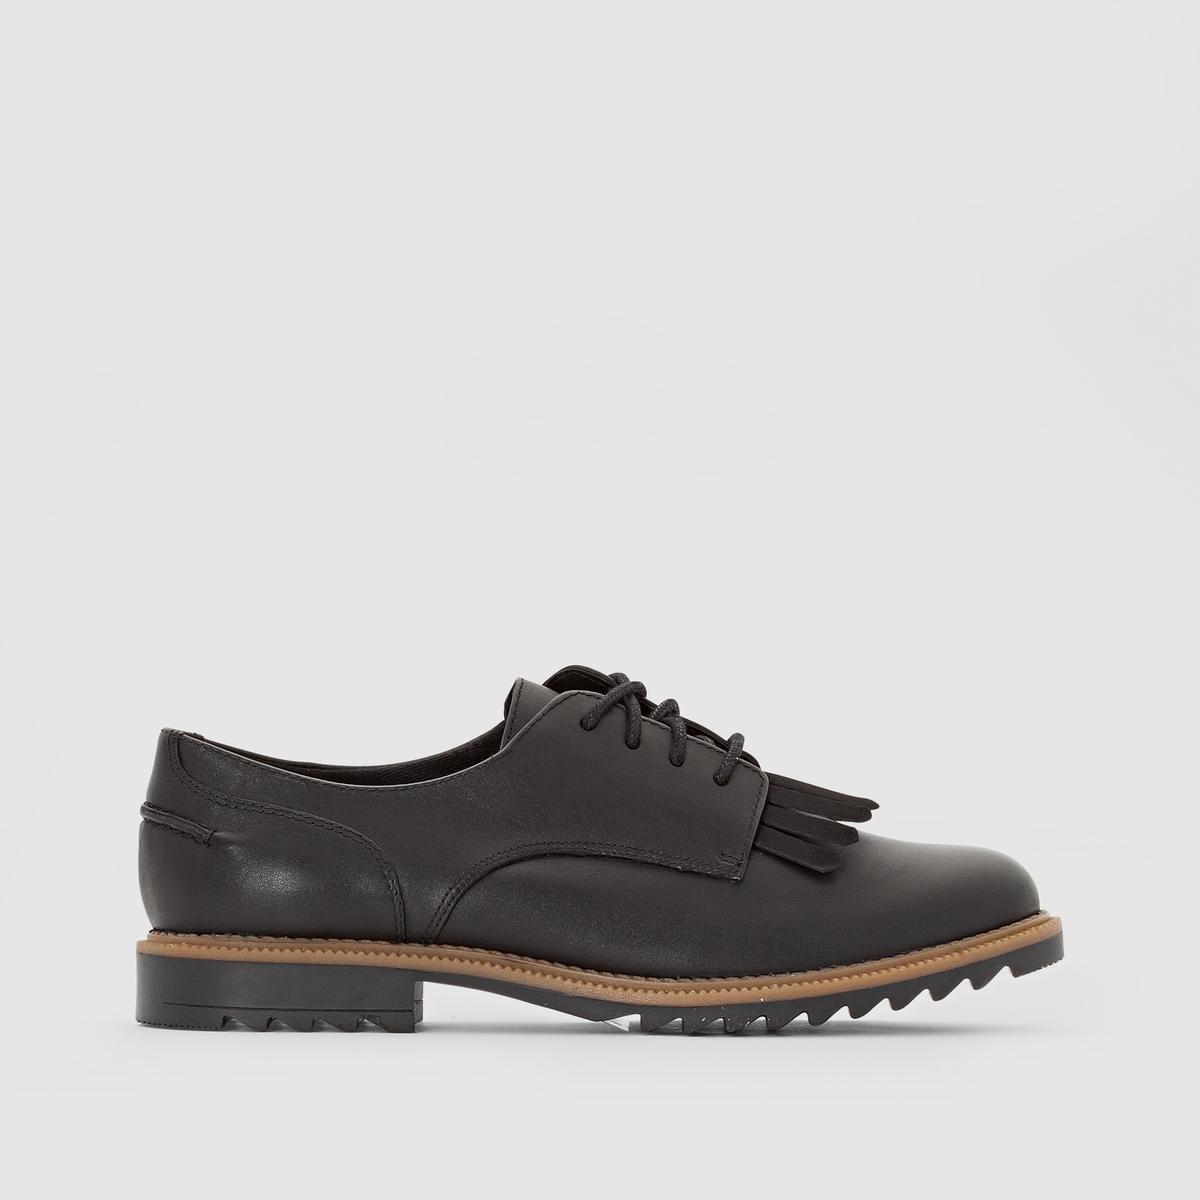 Ботинки-дерби CLARKS GRIFFIN MABELПреимущества : ботинки-дерби CLARKS с технологией Cushion Plus, настоящие дерби в стиле обуви для гольфа с язычком с бахромой на подъеме стопы.<br><br>Цвет: черный